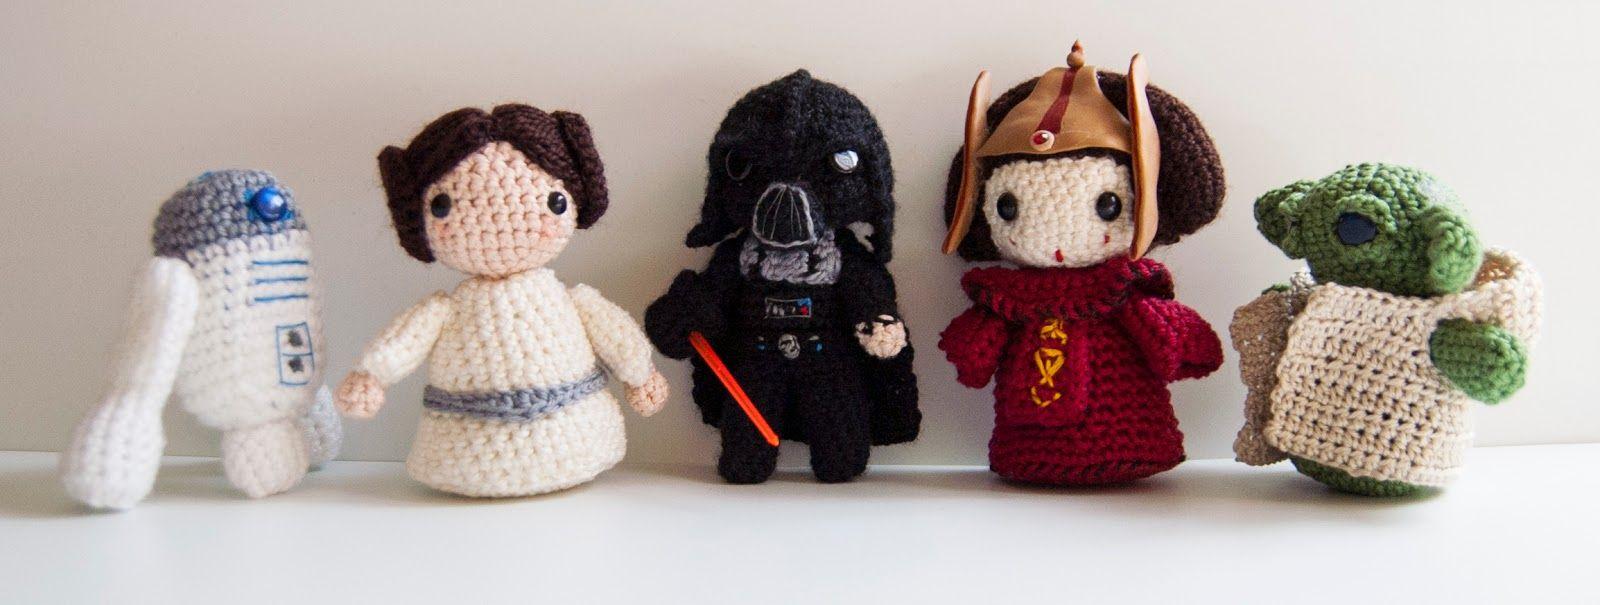 Increíble Guerra De Las Galaxias Patrones De Crochet Libre Ornamento ...